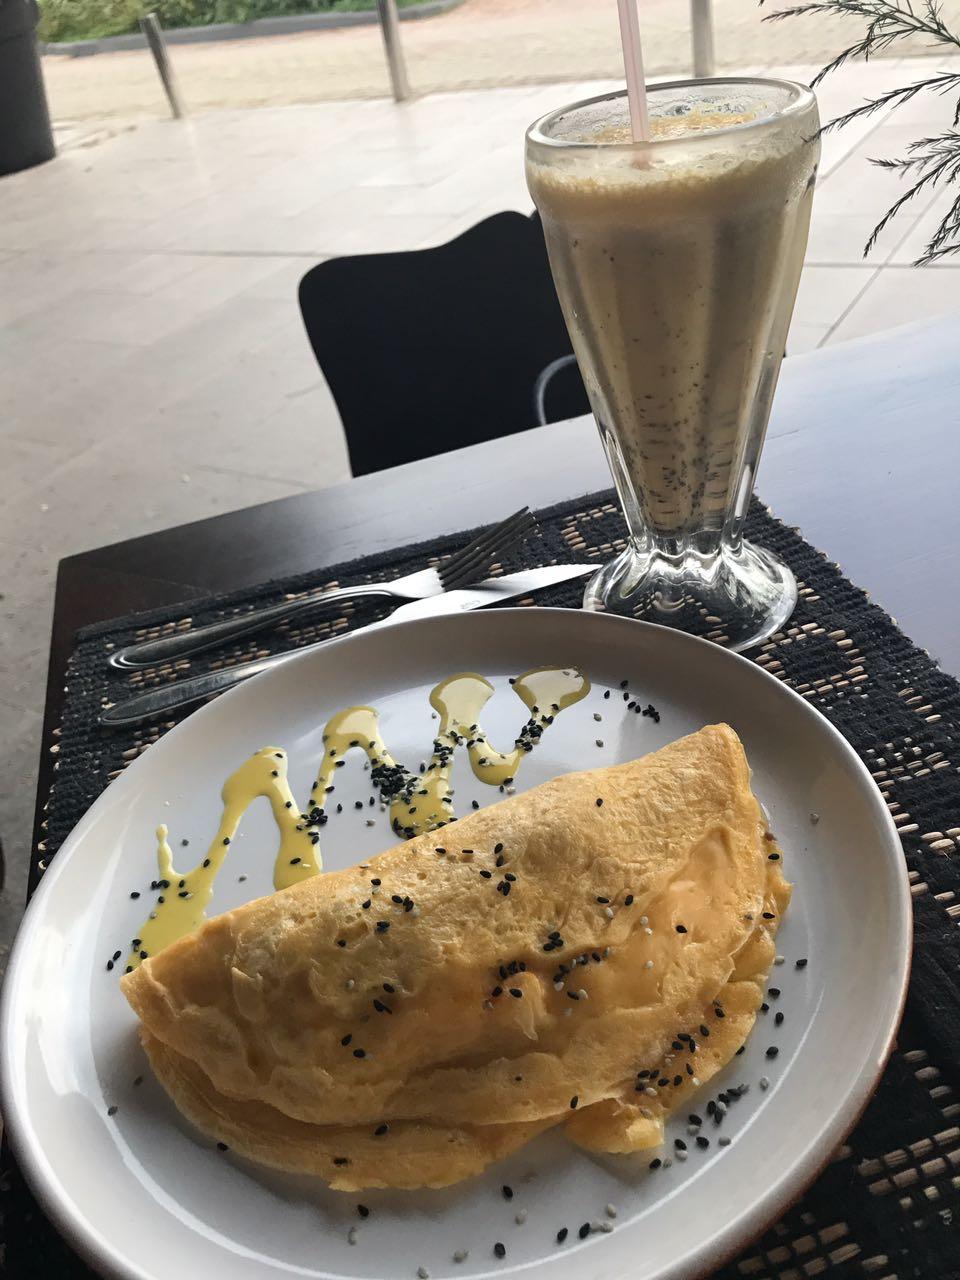 restaurante saudável floripa florianopolis (2)